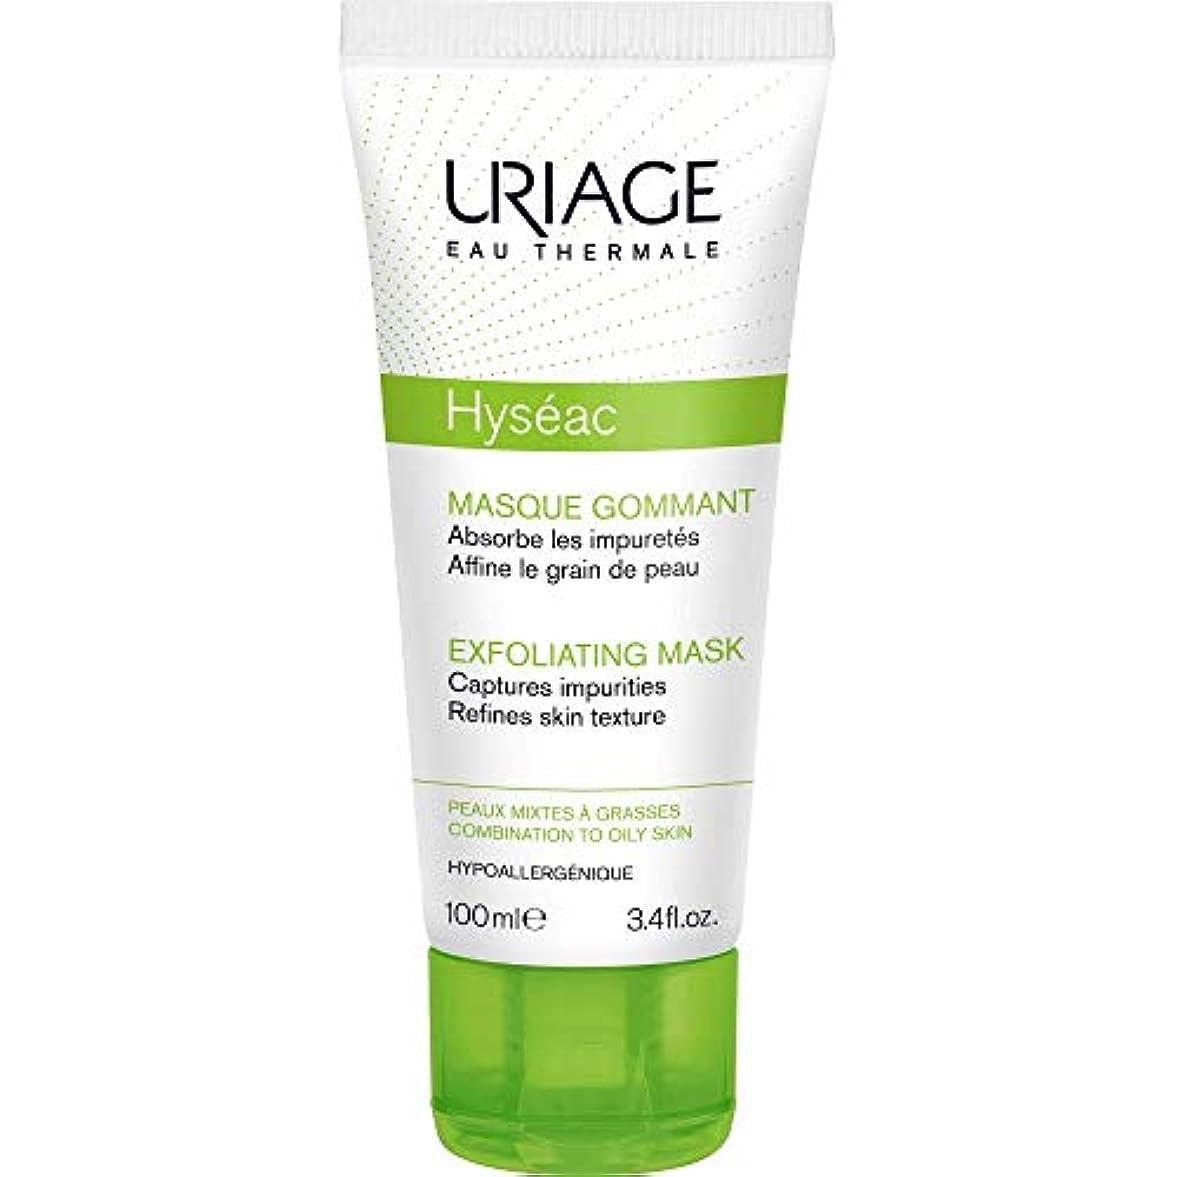 槍ハードウェア突っ込む[Uriage] Uriage Hyseacピーリングマスク100ミリリットル - Uriage Hyseac Exfoliating Mask 100ml [並行輸入品]